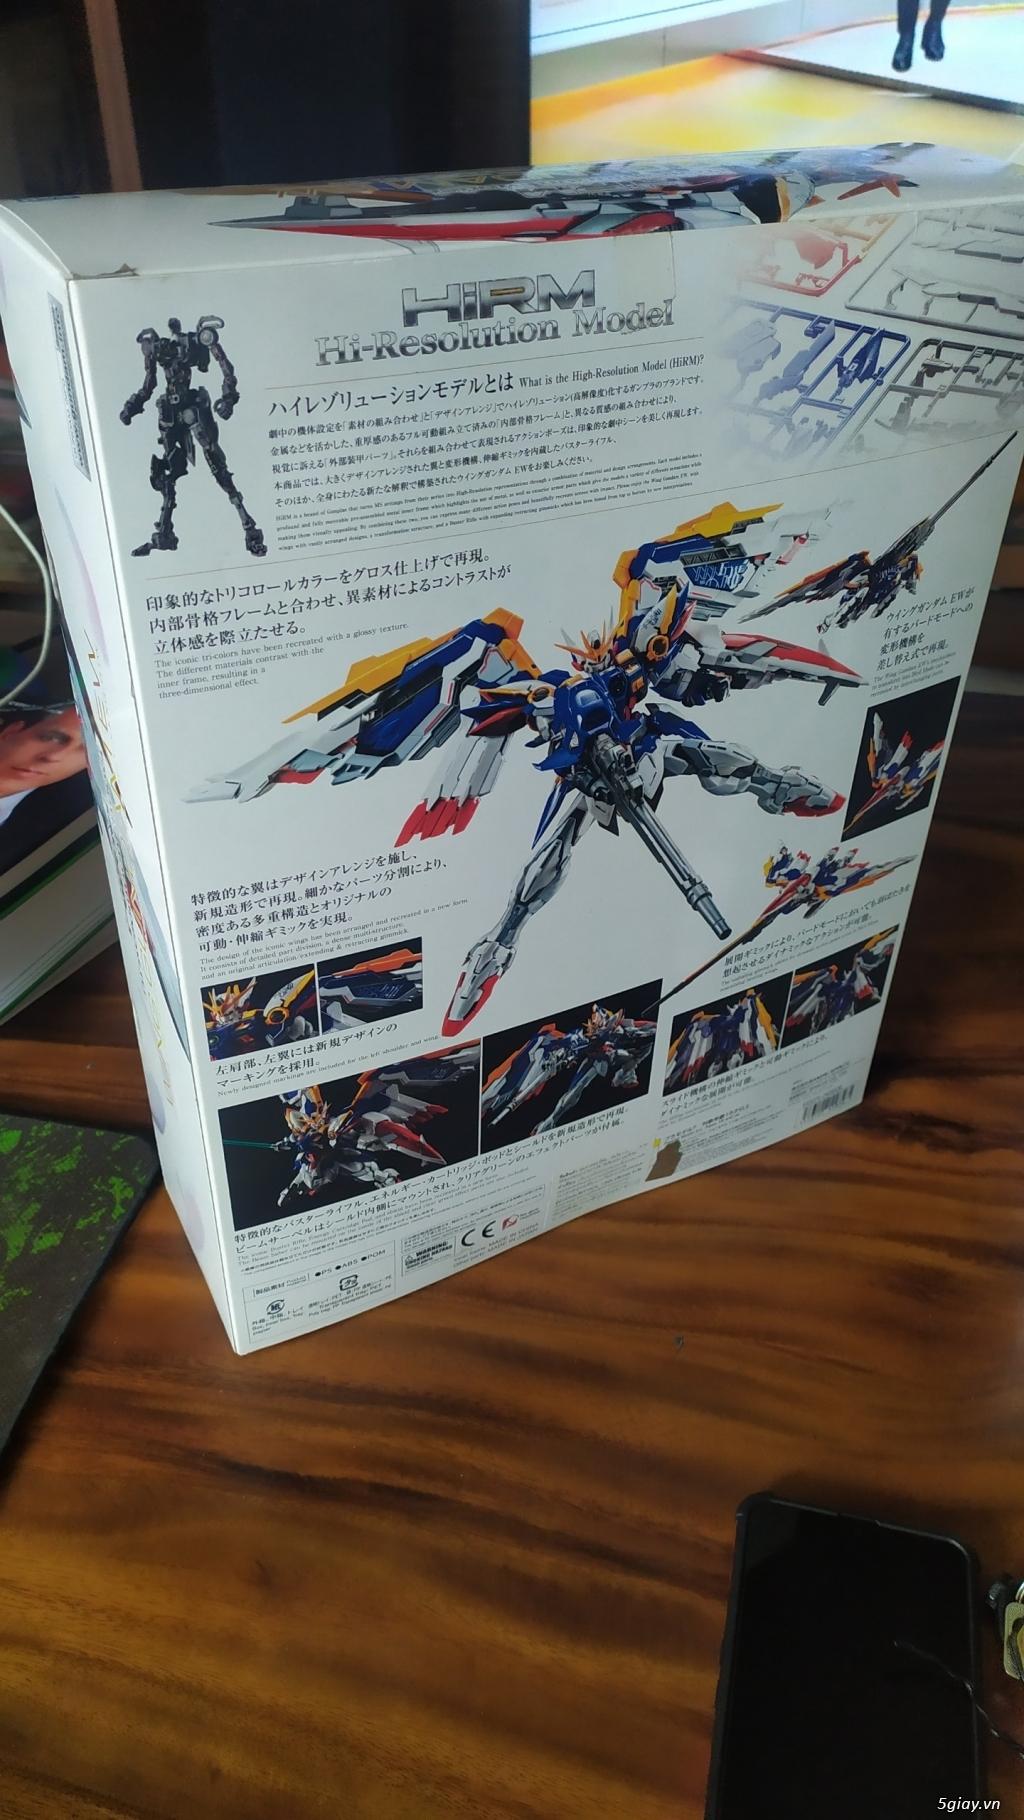 Cần Thanh lý gấp Mô Hình Gundam P-Bandai HIRM Wing Gundam EW - 2